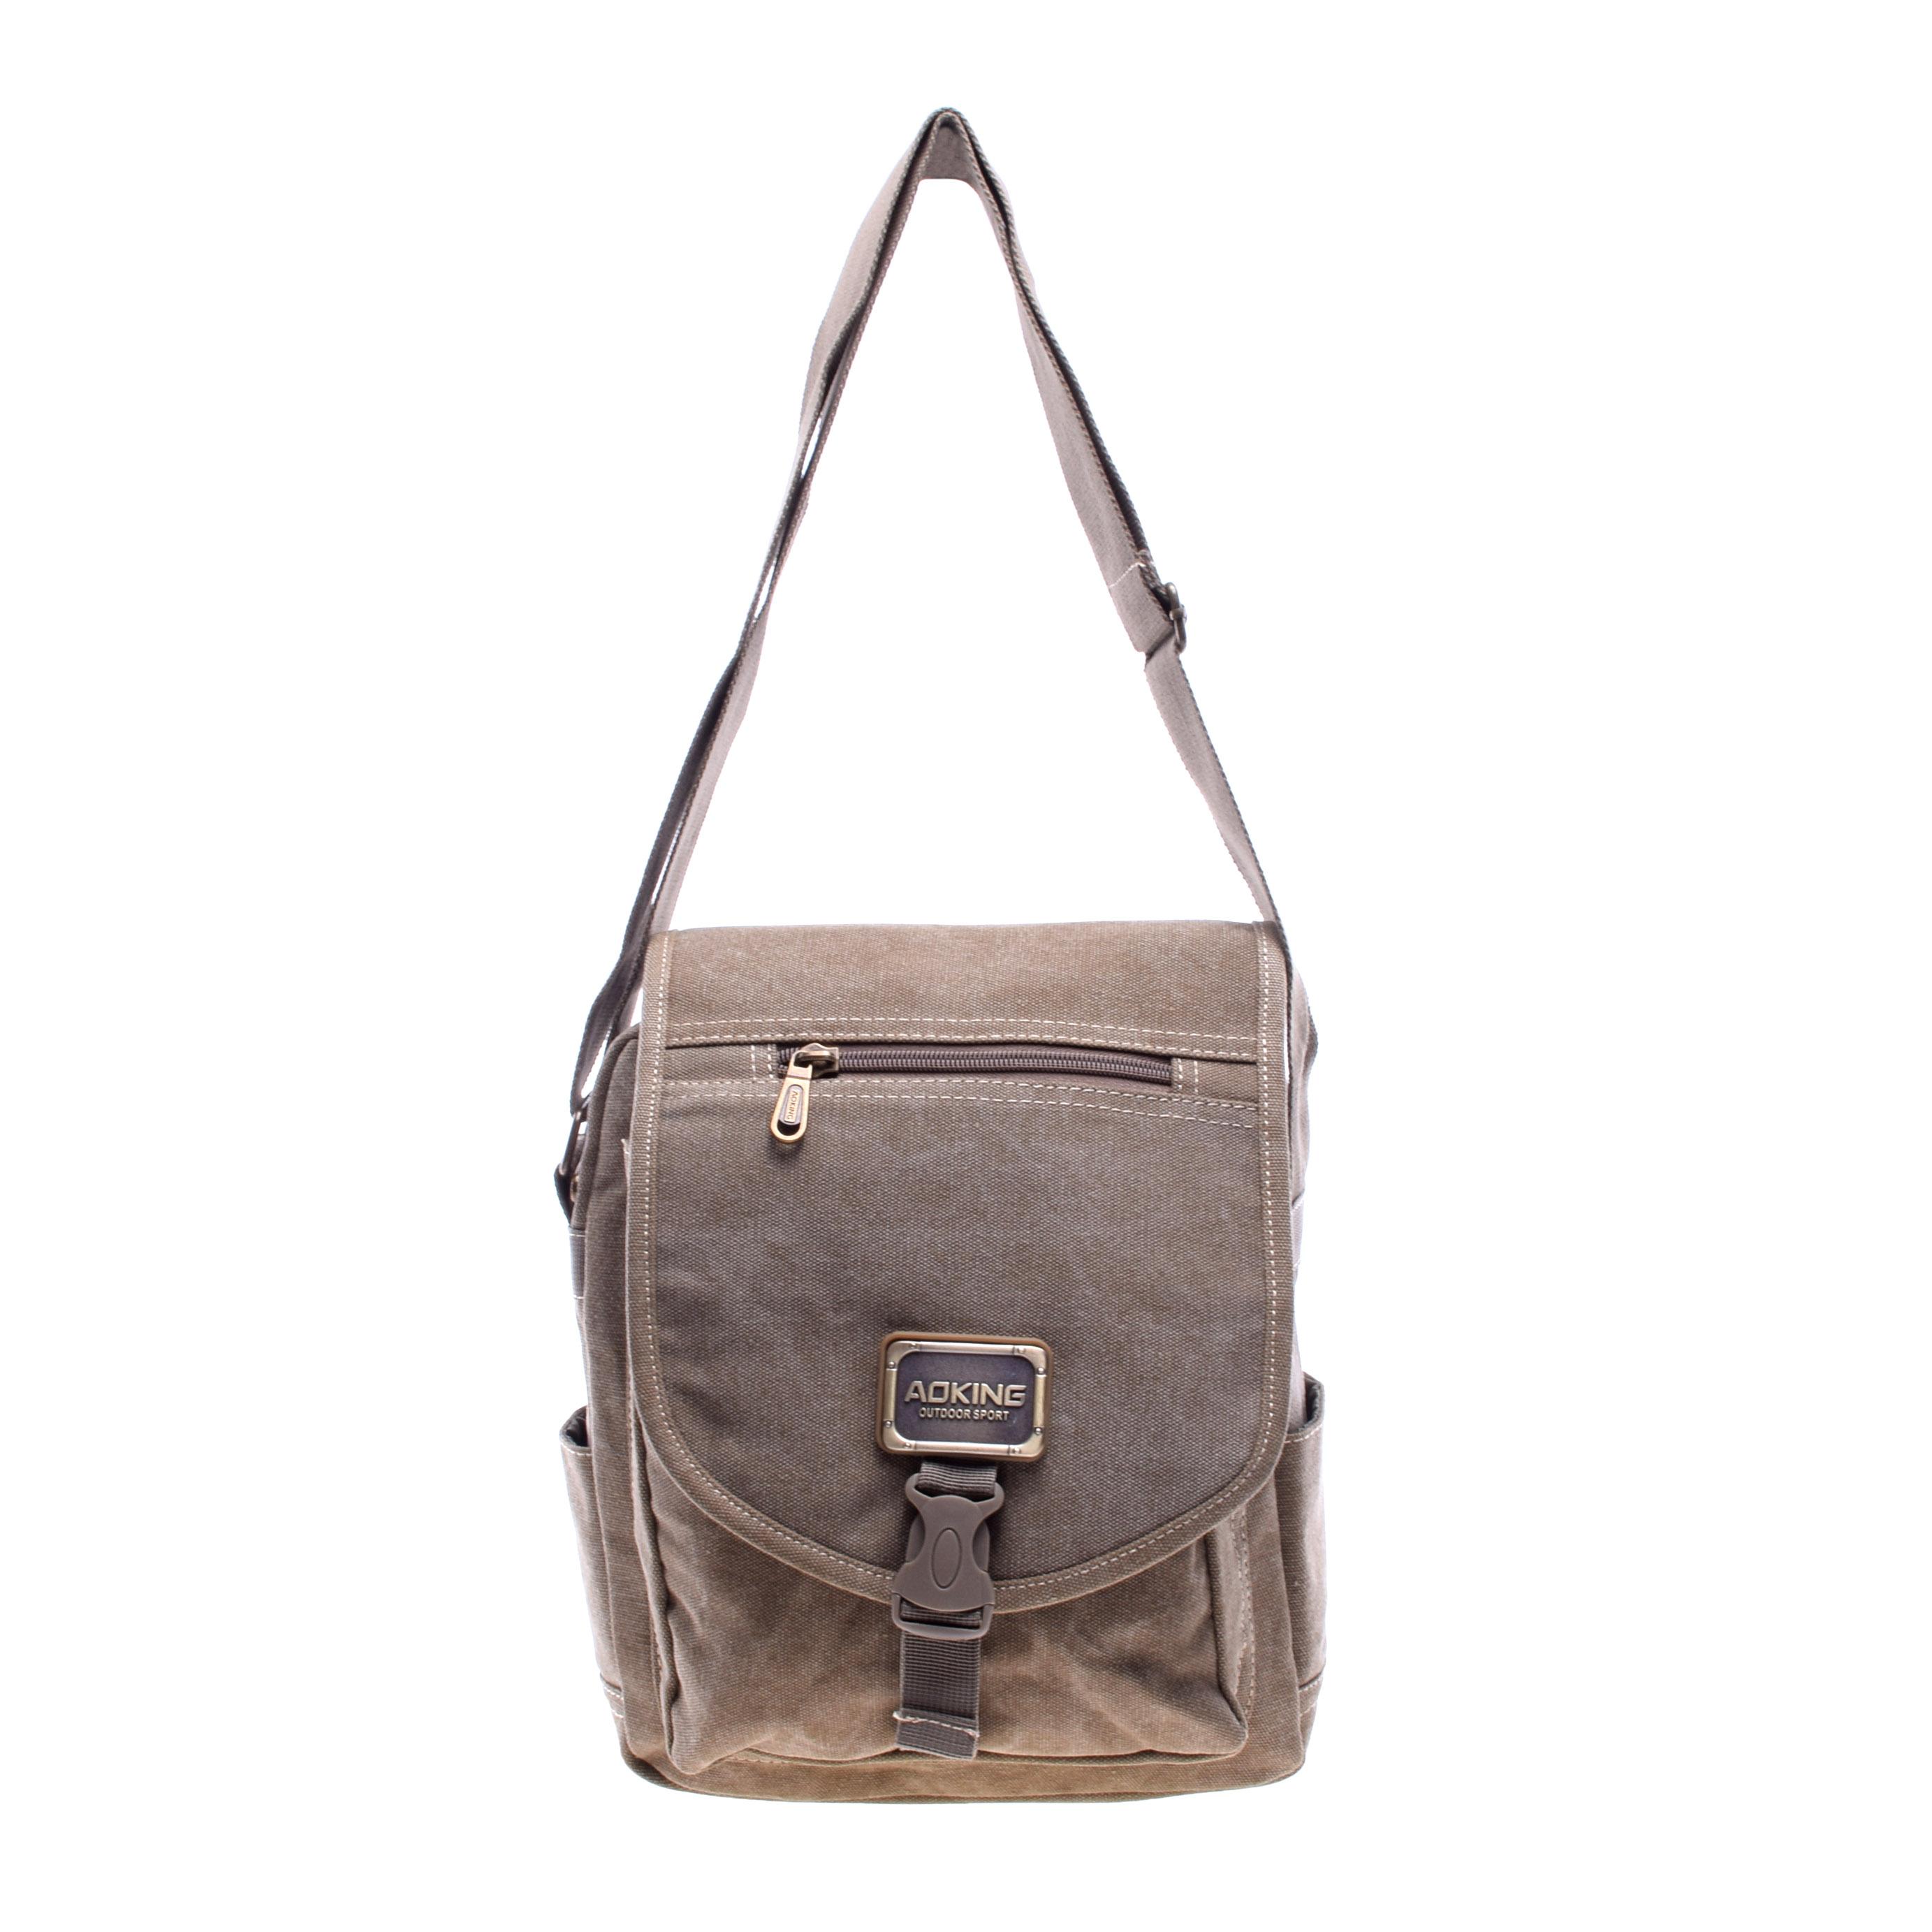 8e2ad077cc46 Aoking Férfi Barna Textil Oldaltáska - OLDALTÁSKÁK - Táska webáruház -  Minőségi táskák mindenkinek